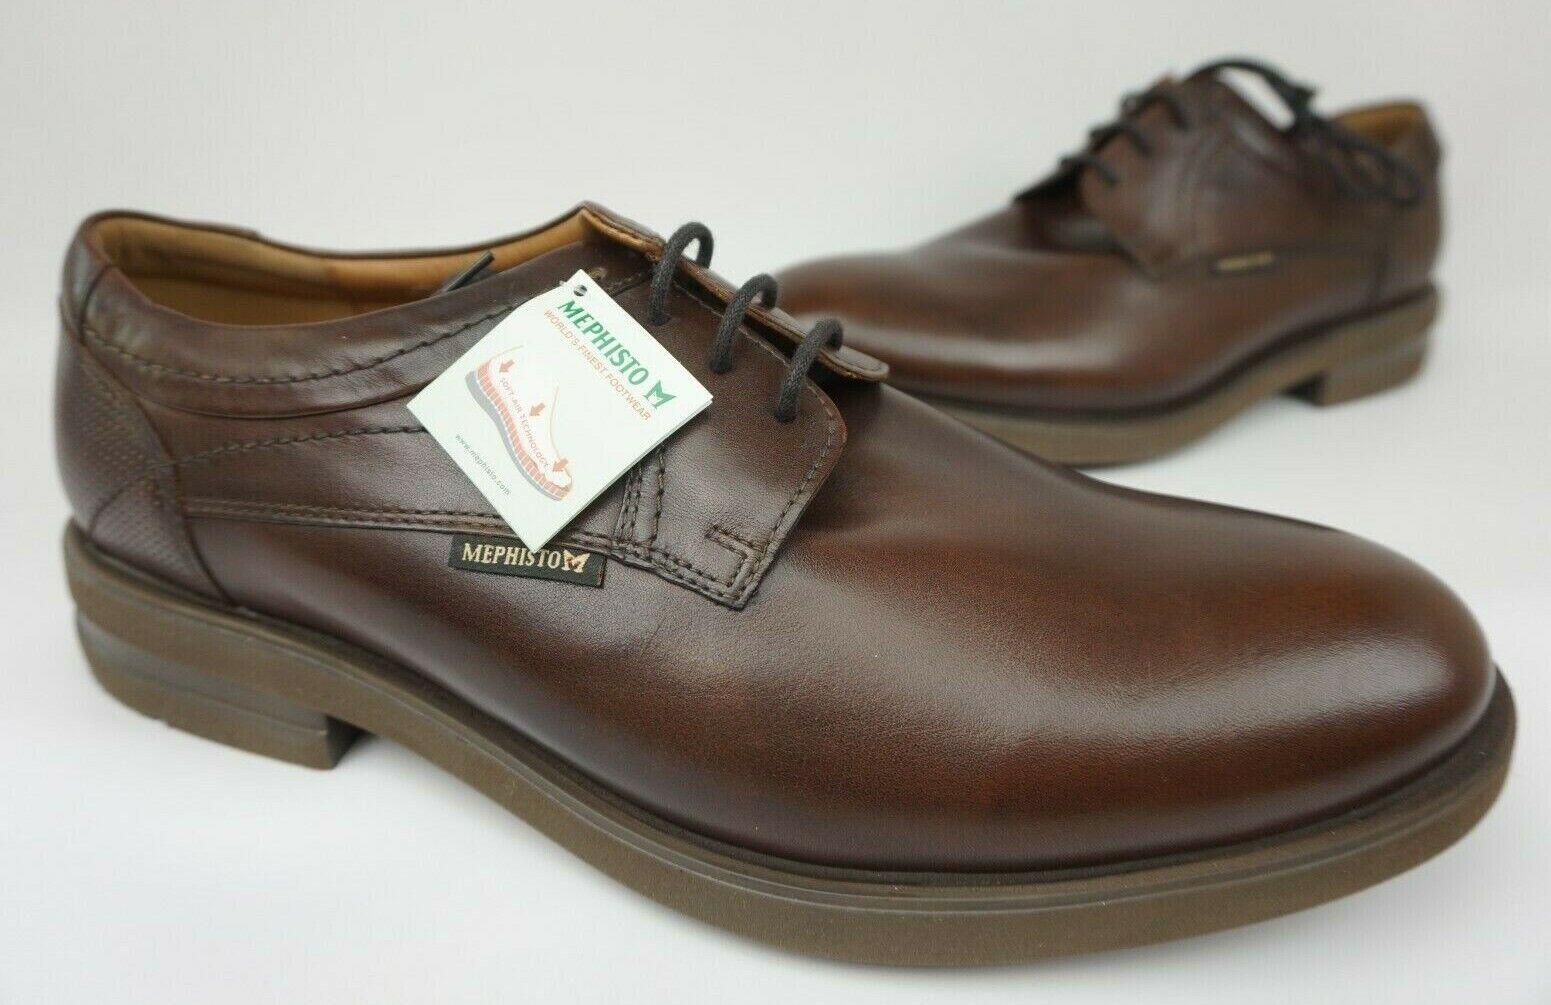 Mephisto Olivio Oxford Braune Schuhe Herren Haselnuss Toby Leder Größe 13 US Neu